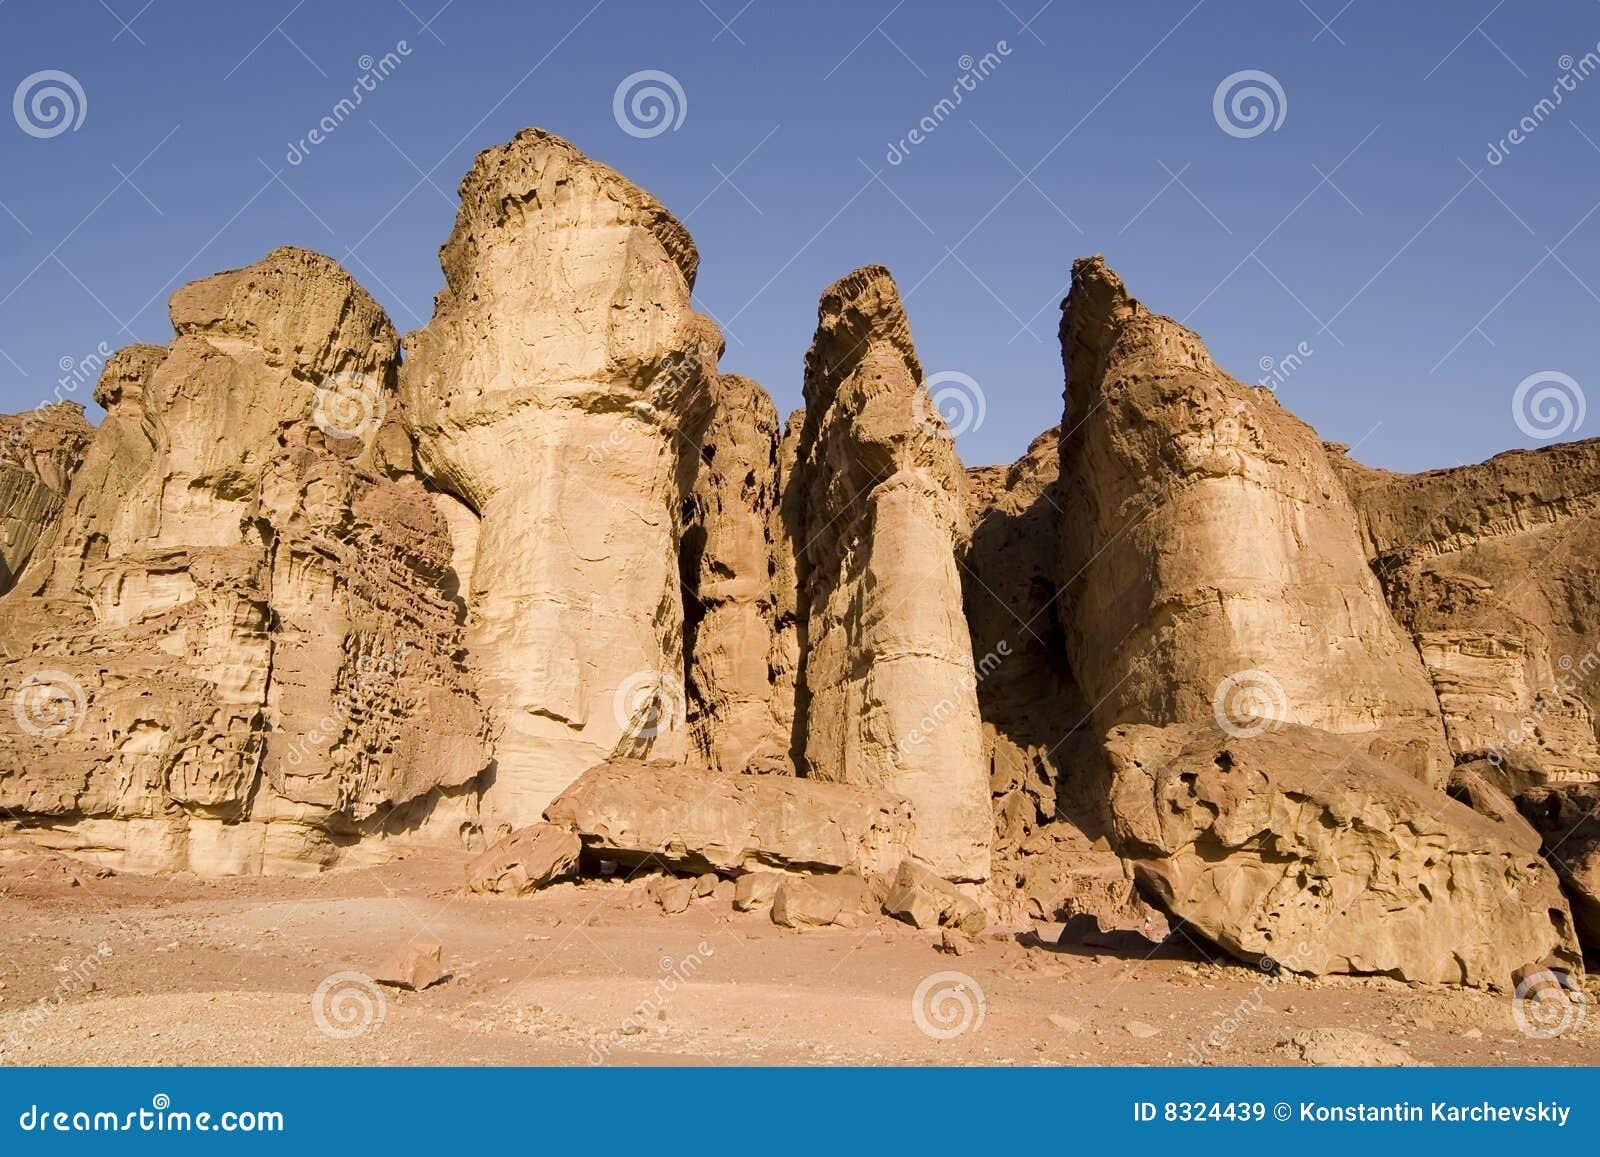 Solomon s pillars